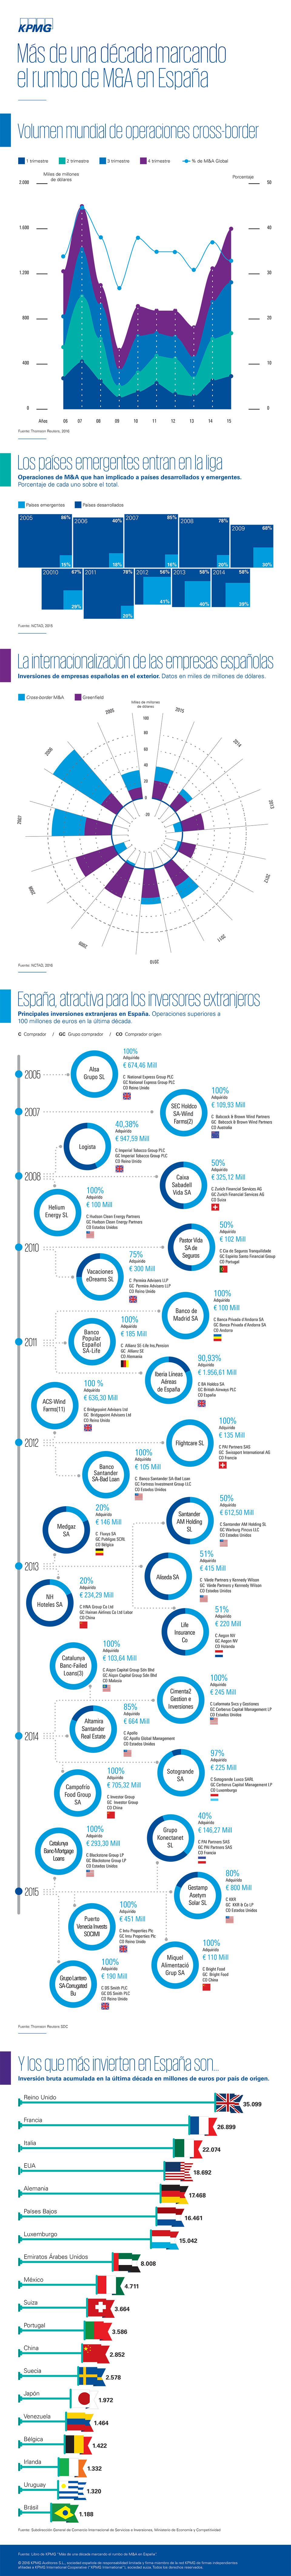 infografia-MA